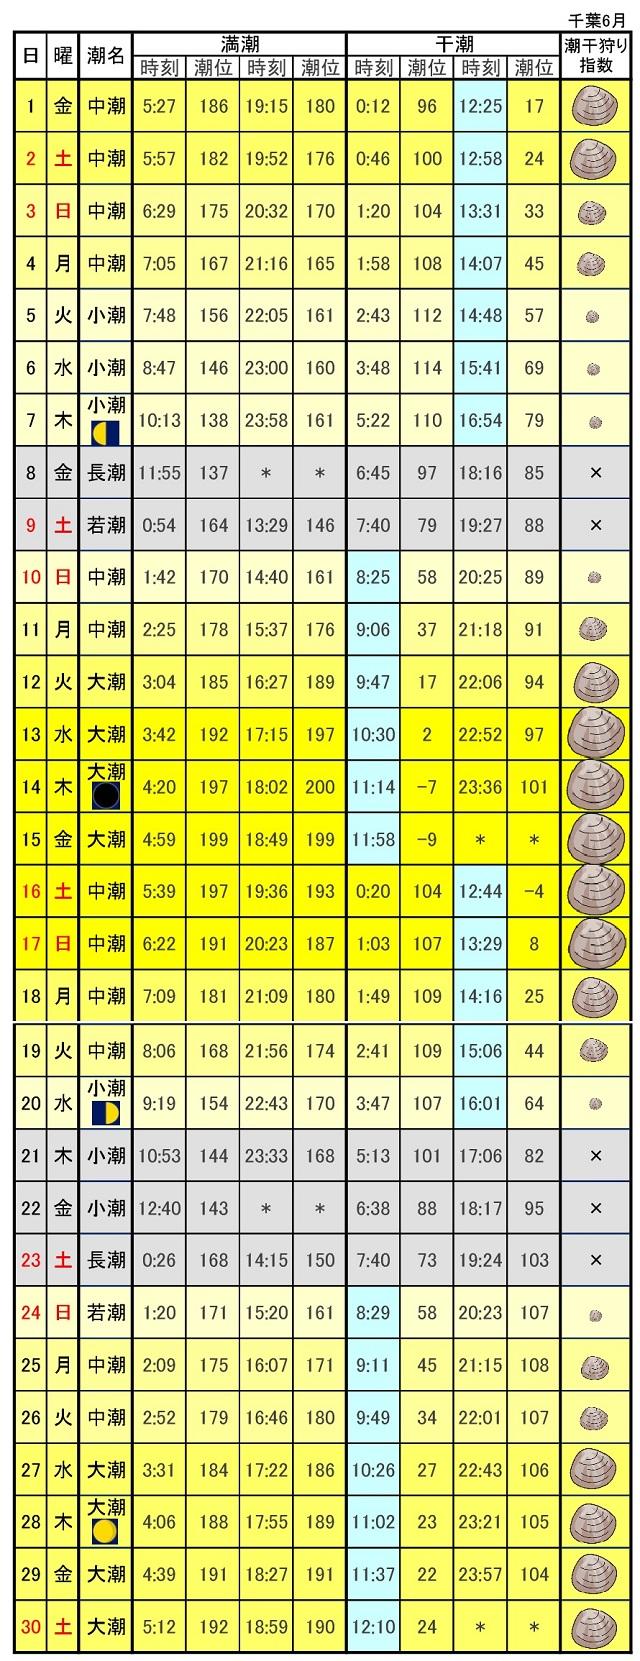 千葉ポートタワー潮汐表カレンダー2018年6月